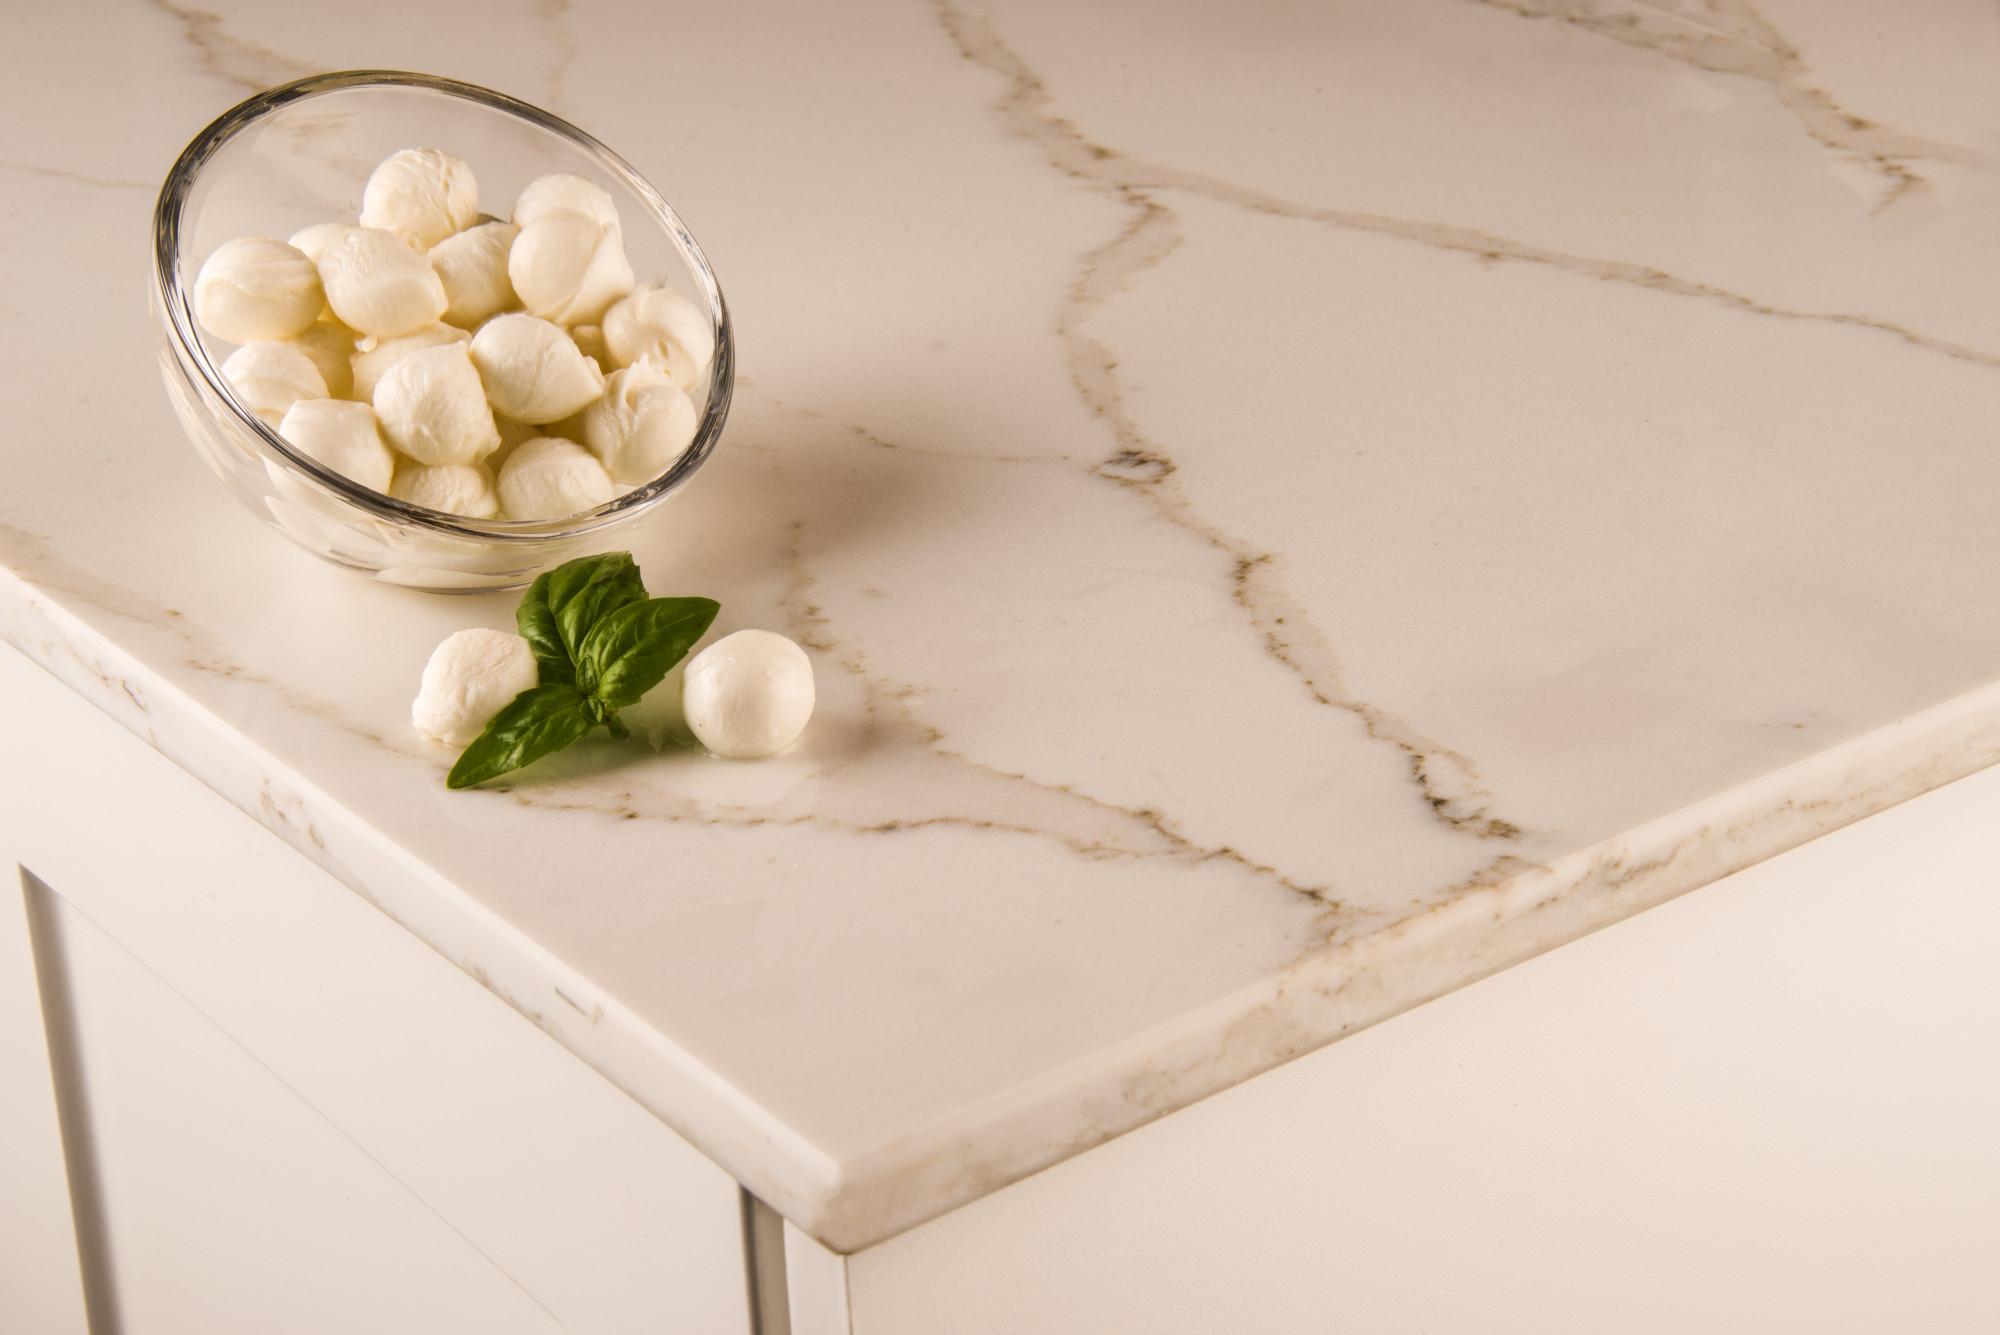 10 Gorgeous Quartz Kitchen Countertop Ideas to Take Inspiration from